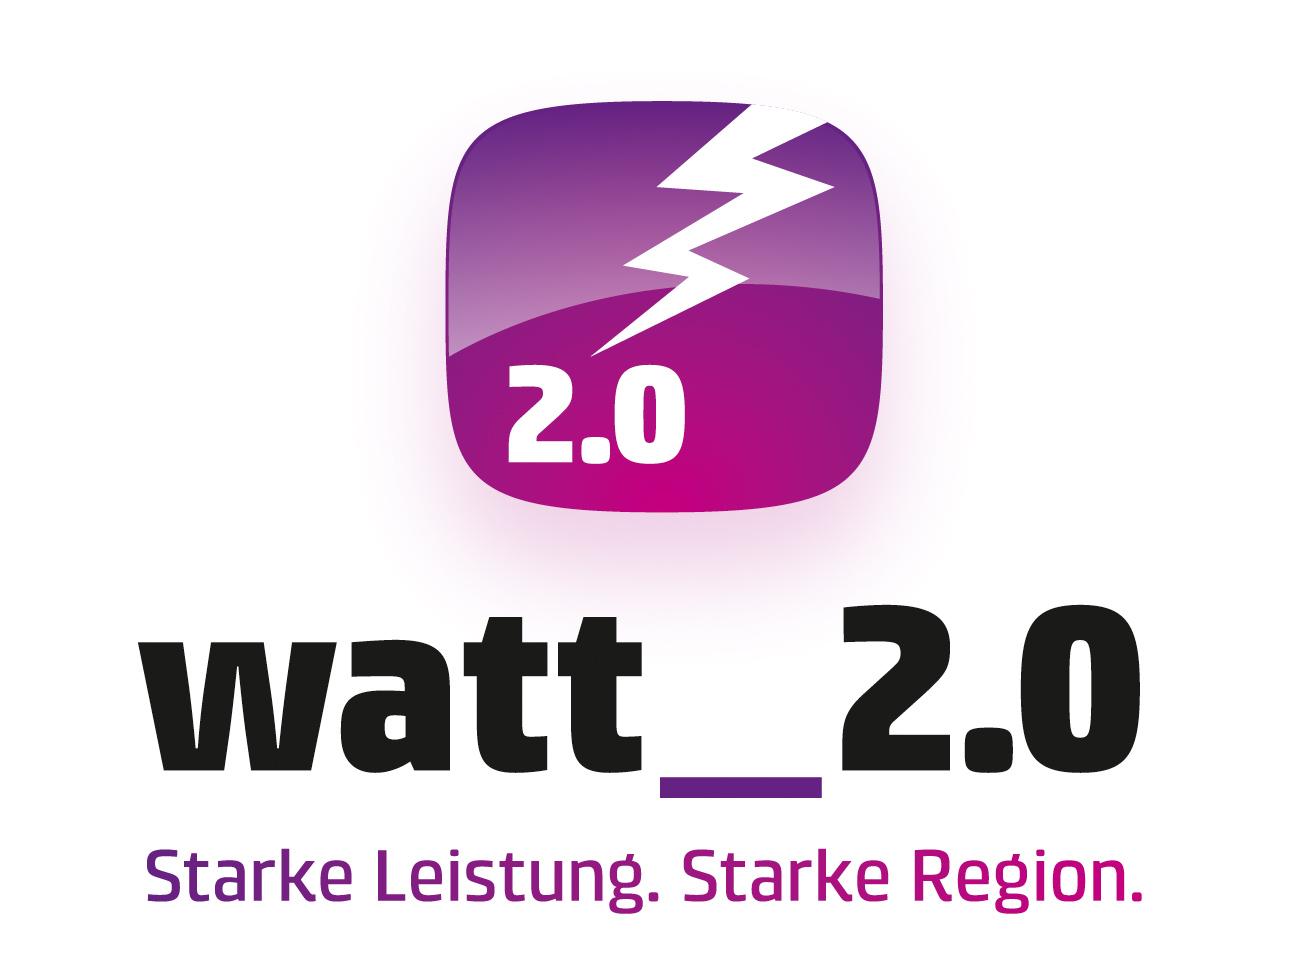 Online_GP_1100_PP_024 Logo Wattzweinull CMYK